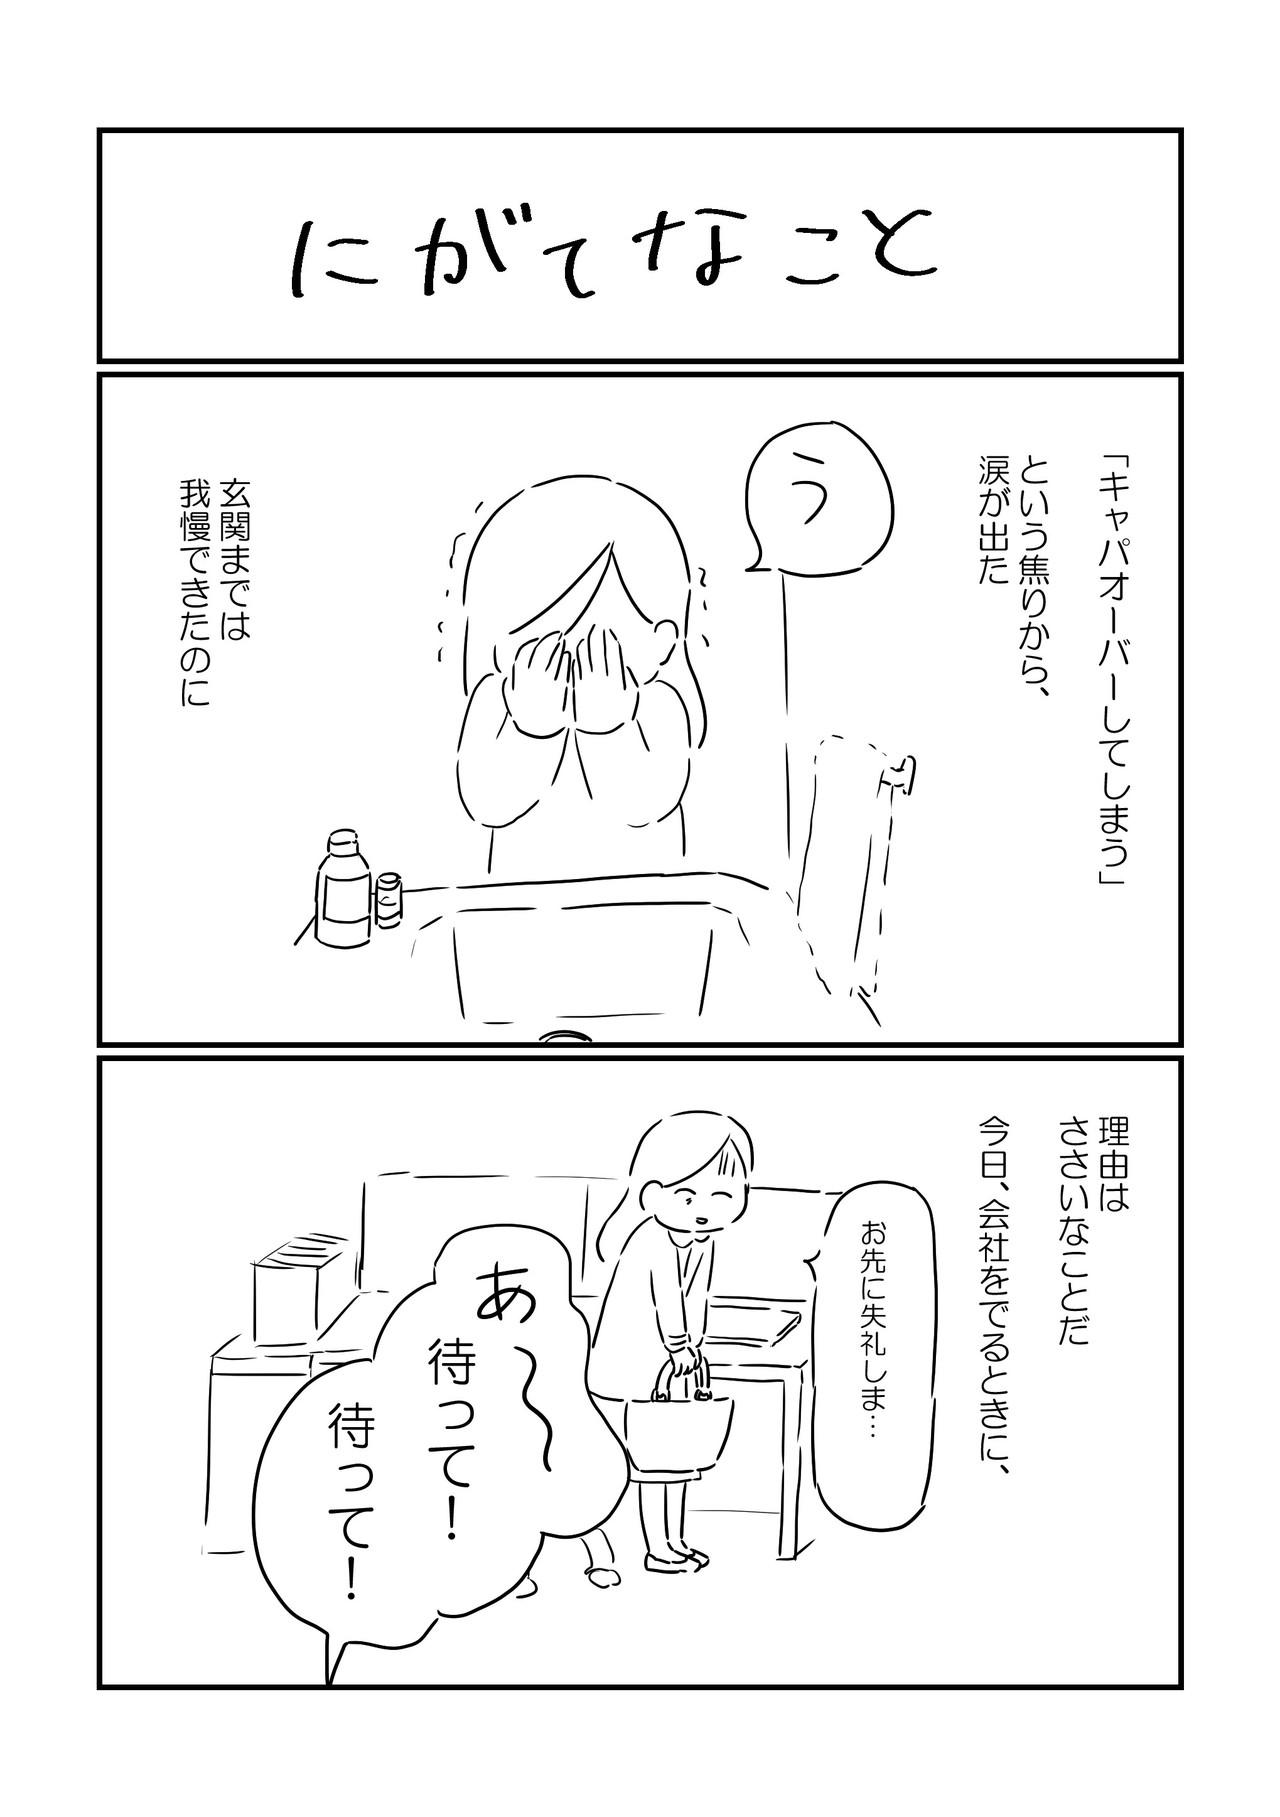 苦手なこと_001